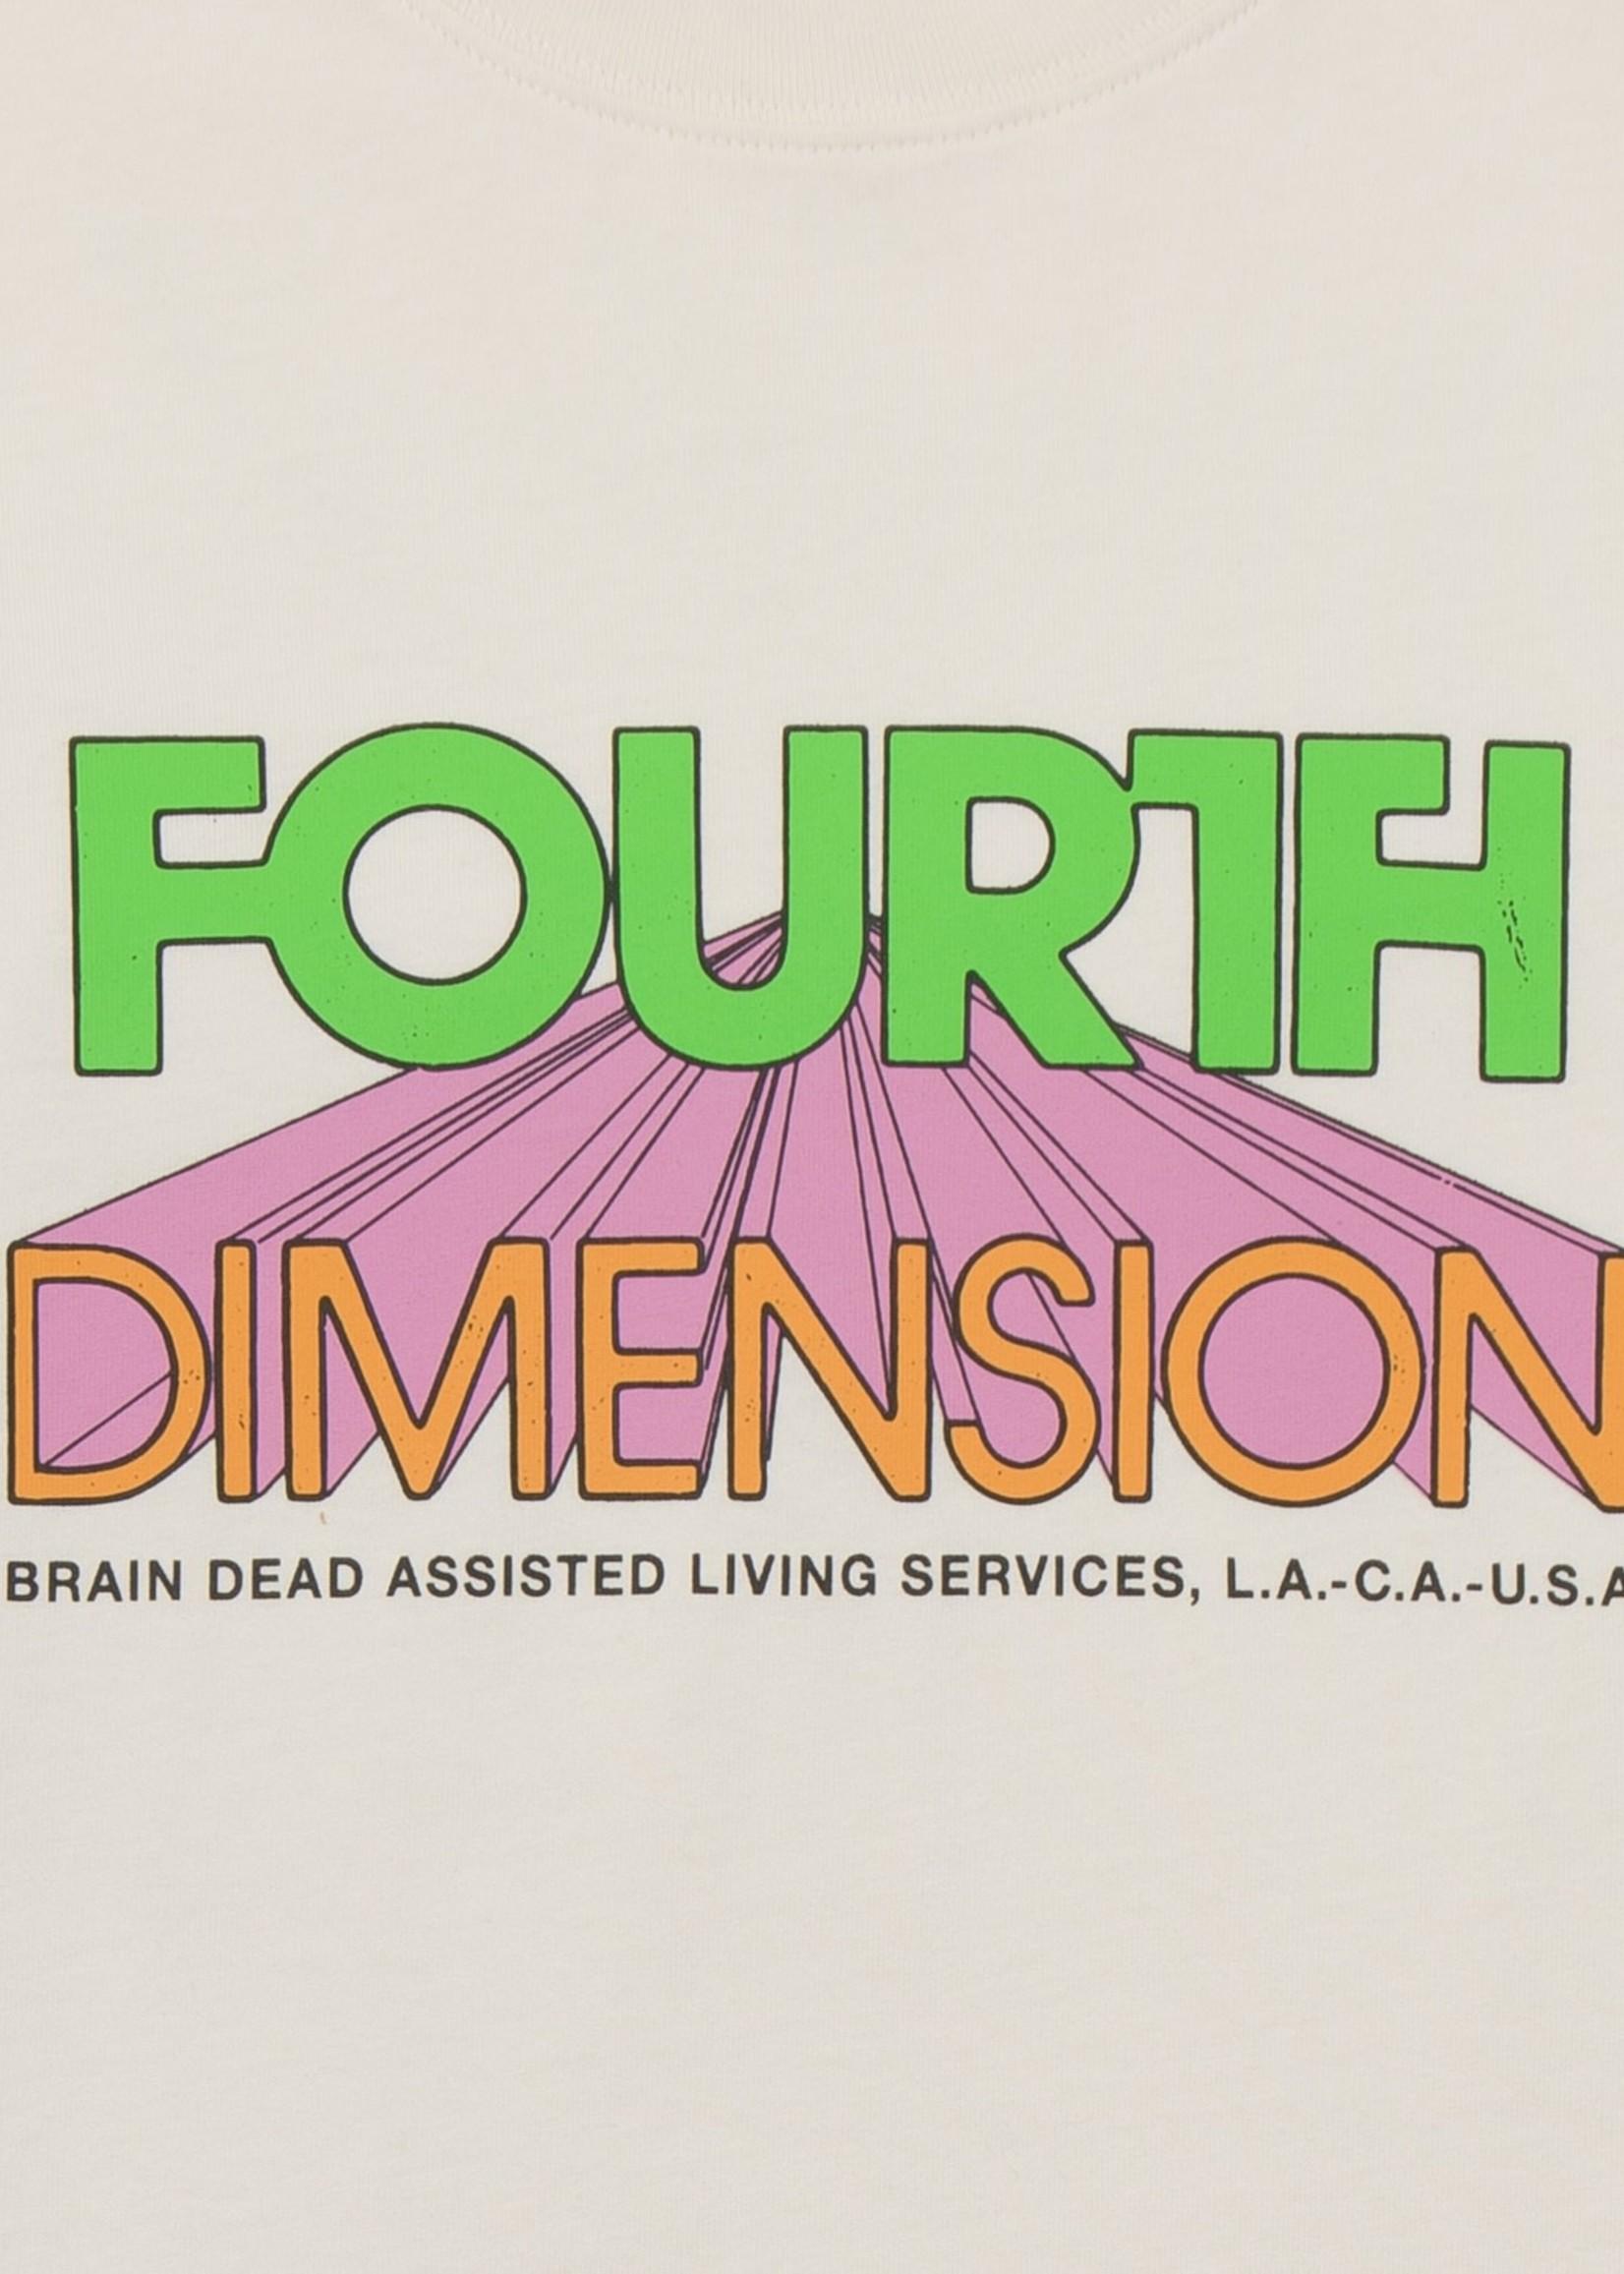 Brain Dead Fourth Dimension T-shirt in Natural